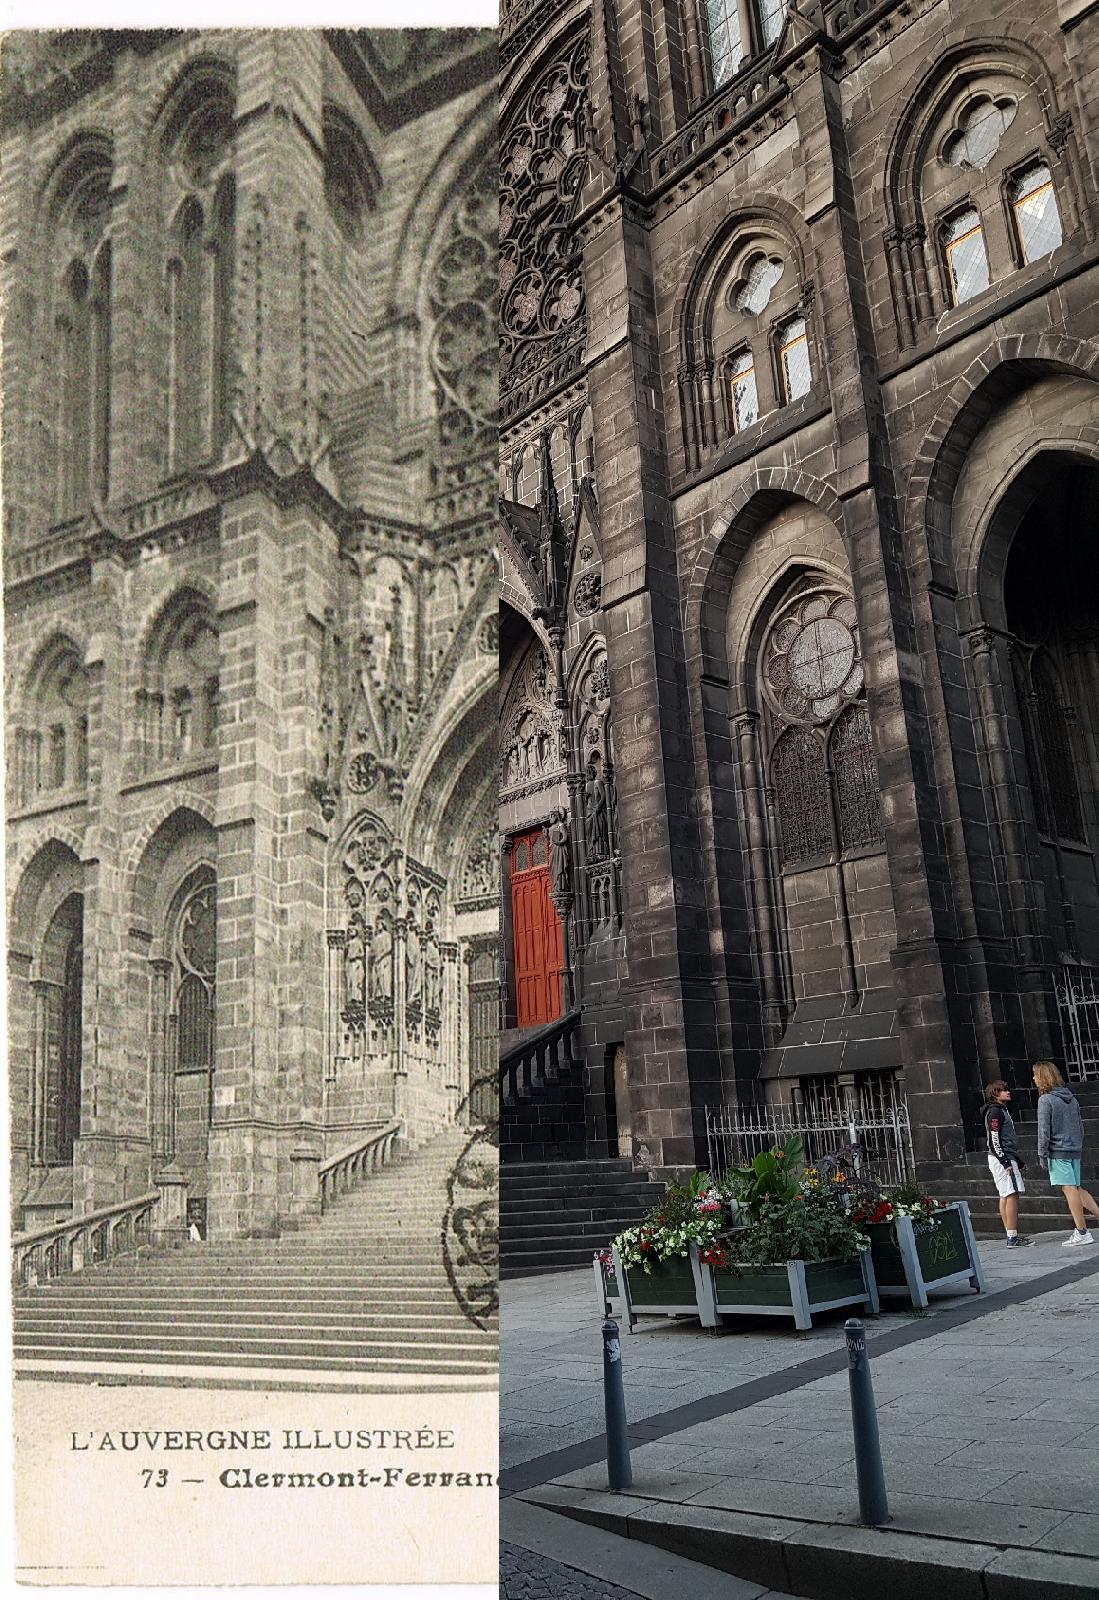 Clermont-Ferrand - Clermont-Ferrand - INSEE 63113 - la Cathédrale, le portail. L'Auvergne illustrée. Ref.73.